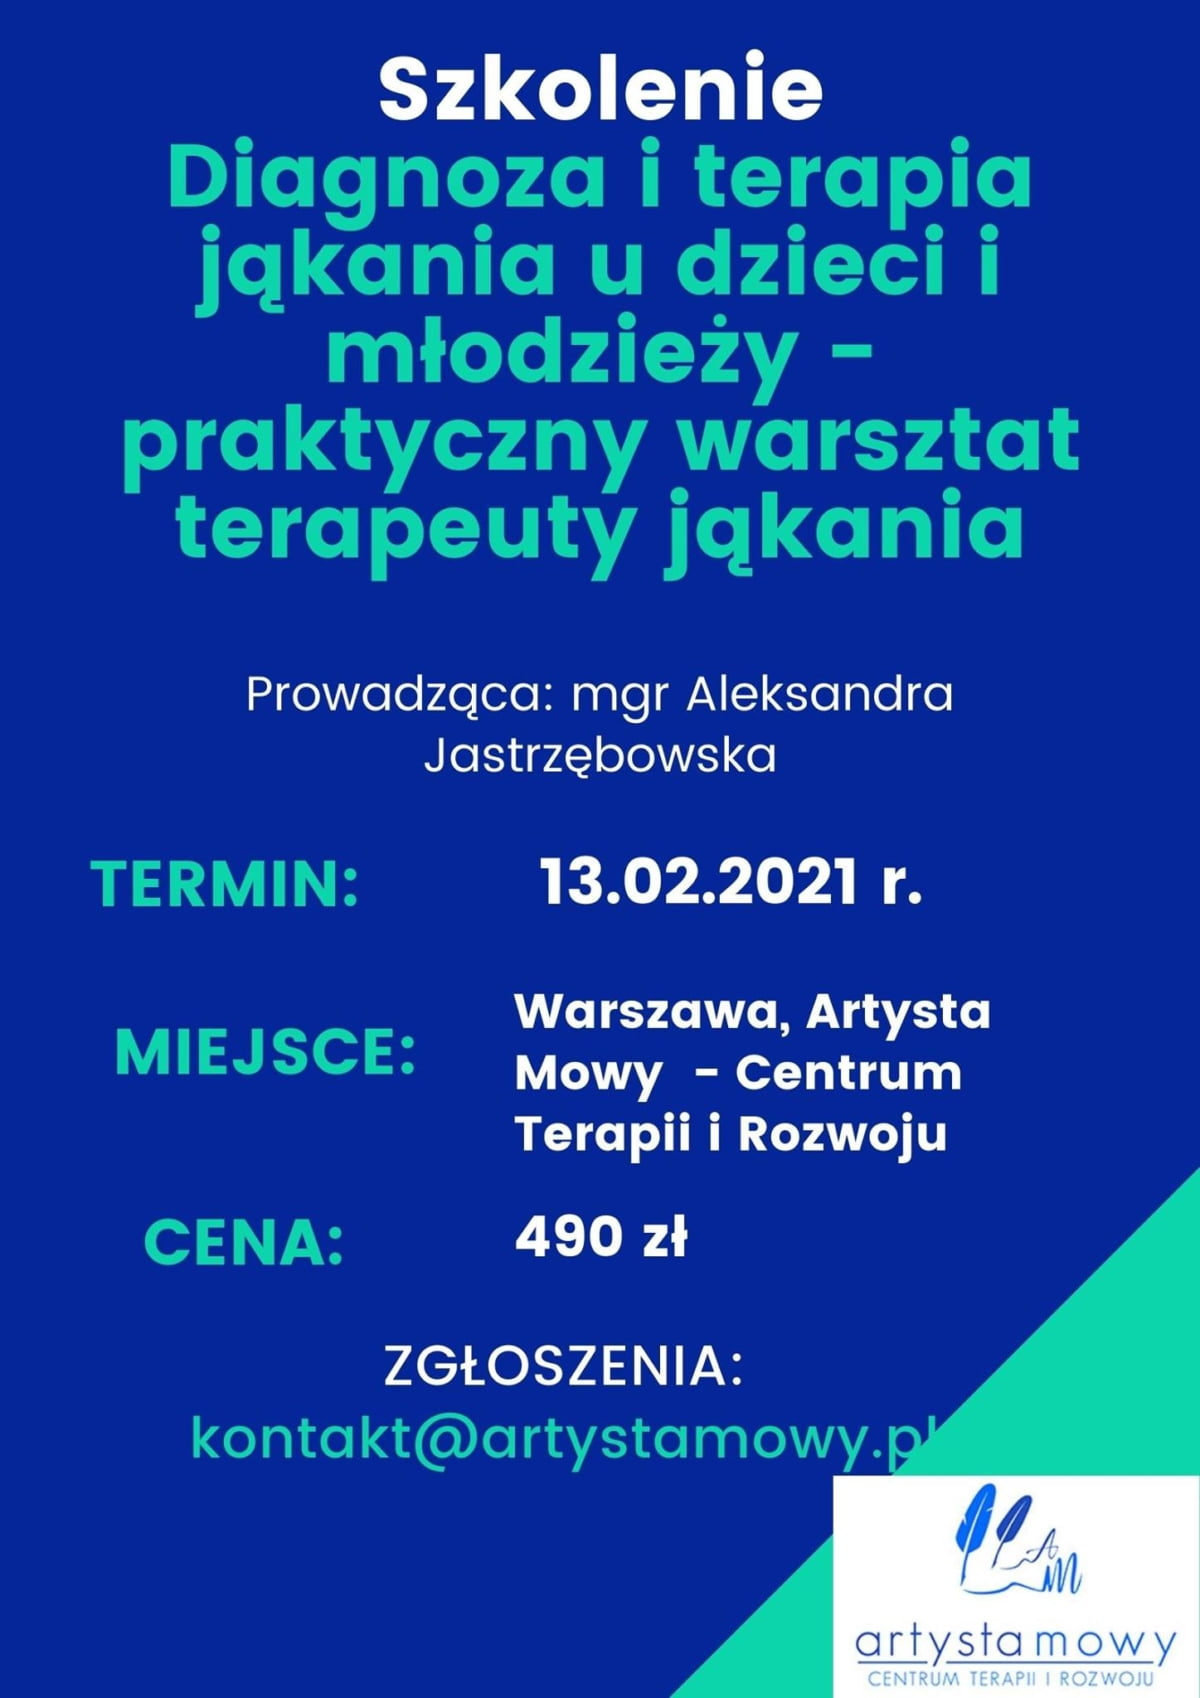 Diagnoza i terapia jąkania u dzieci i młodzieży (13.02.2021)